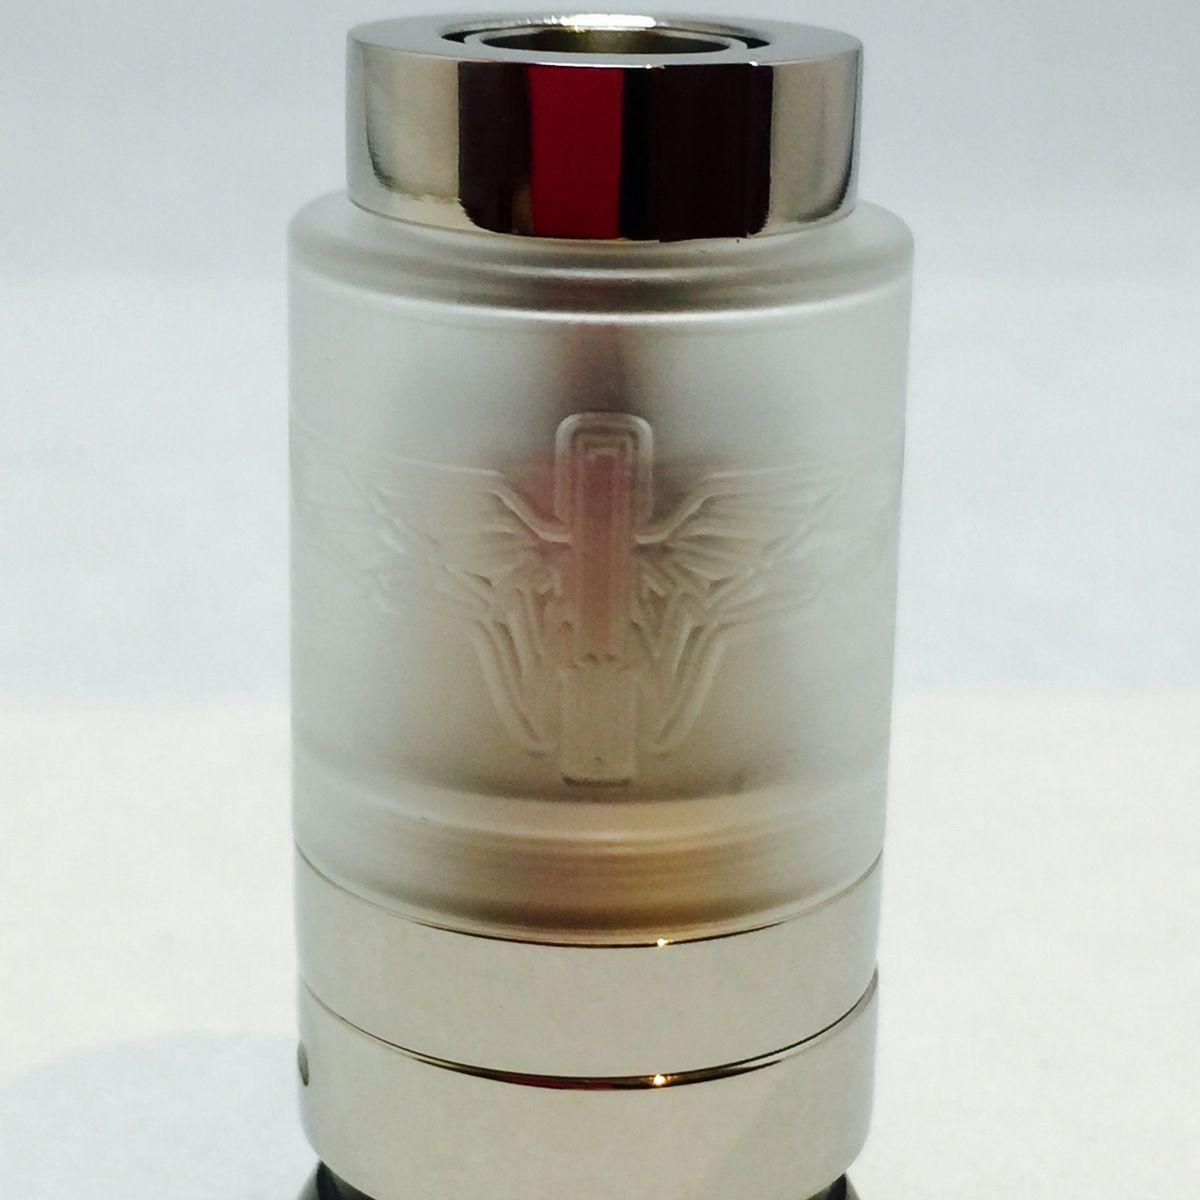 古典 【電子タバコ用アトマイザー Tank】The Golden Greek Tilemahos X1 Clear Clear Tank Golden (Springomizer) 22mm【RTA】【VAPE】, CREAmart:b996027d --- clftranspo.dominiotemporario.com